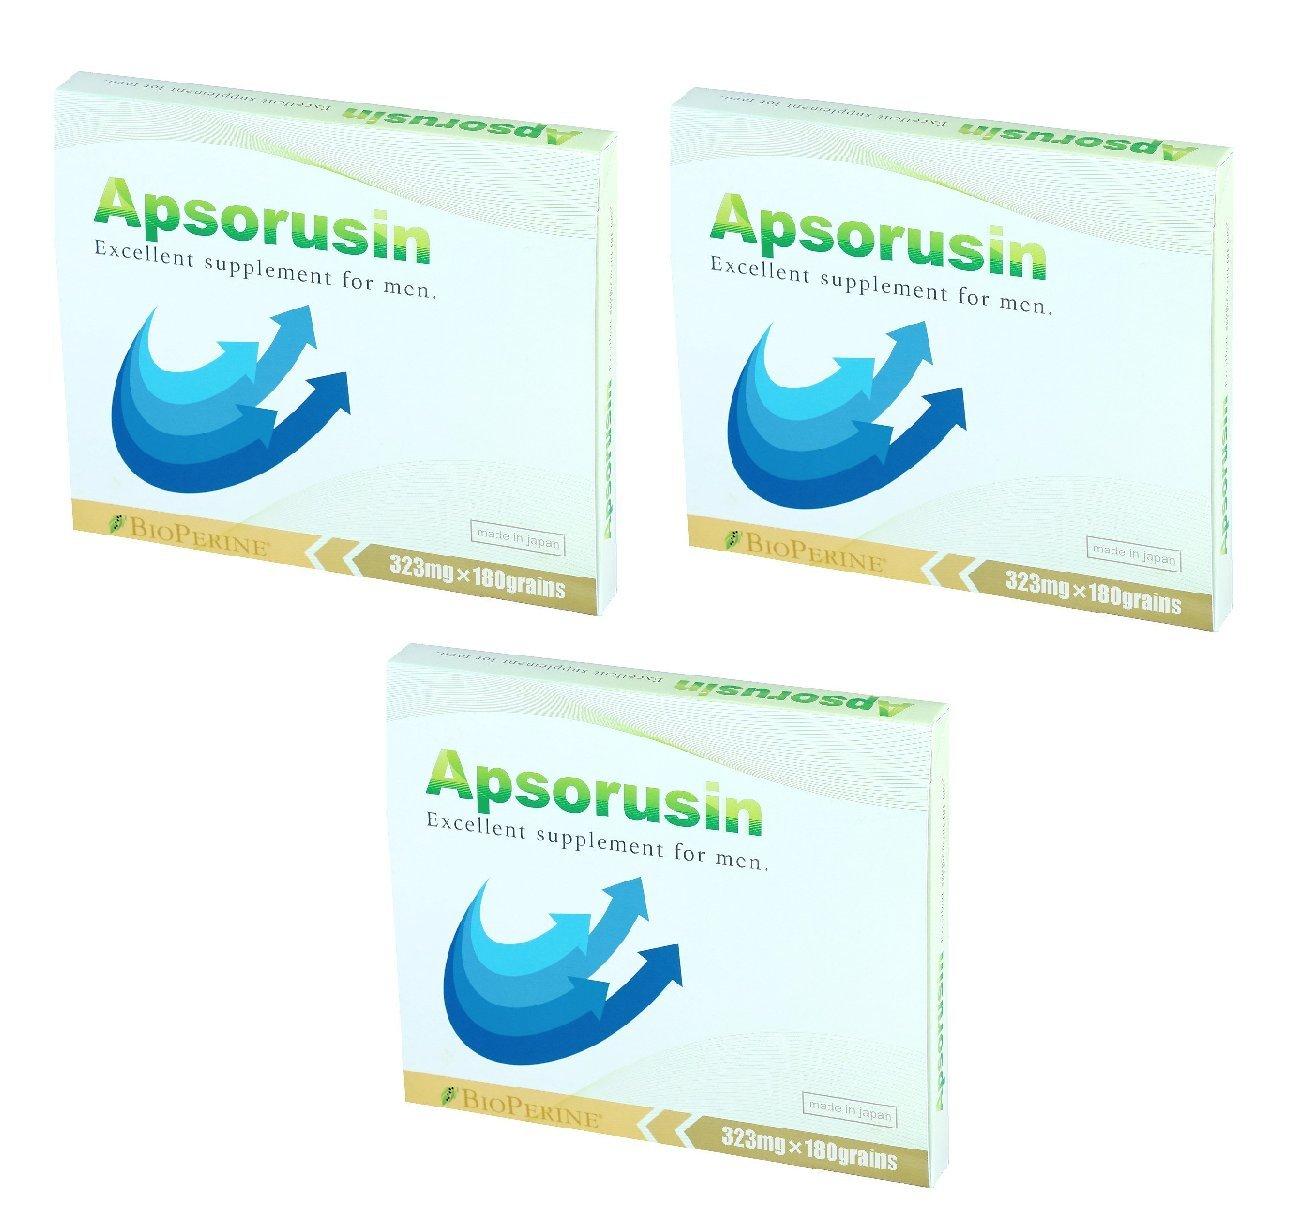 【公式】 男性用 サプリメント アプソルシン3箱セット/540粒入り シトルリン アルギニン 亜鉛 男性の増大サプリメント B07DCJMW5W